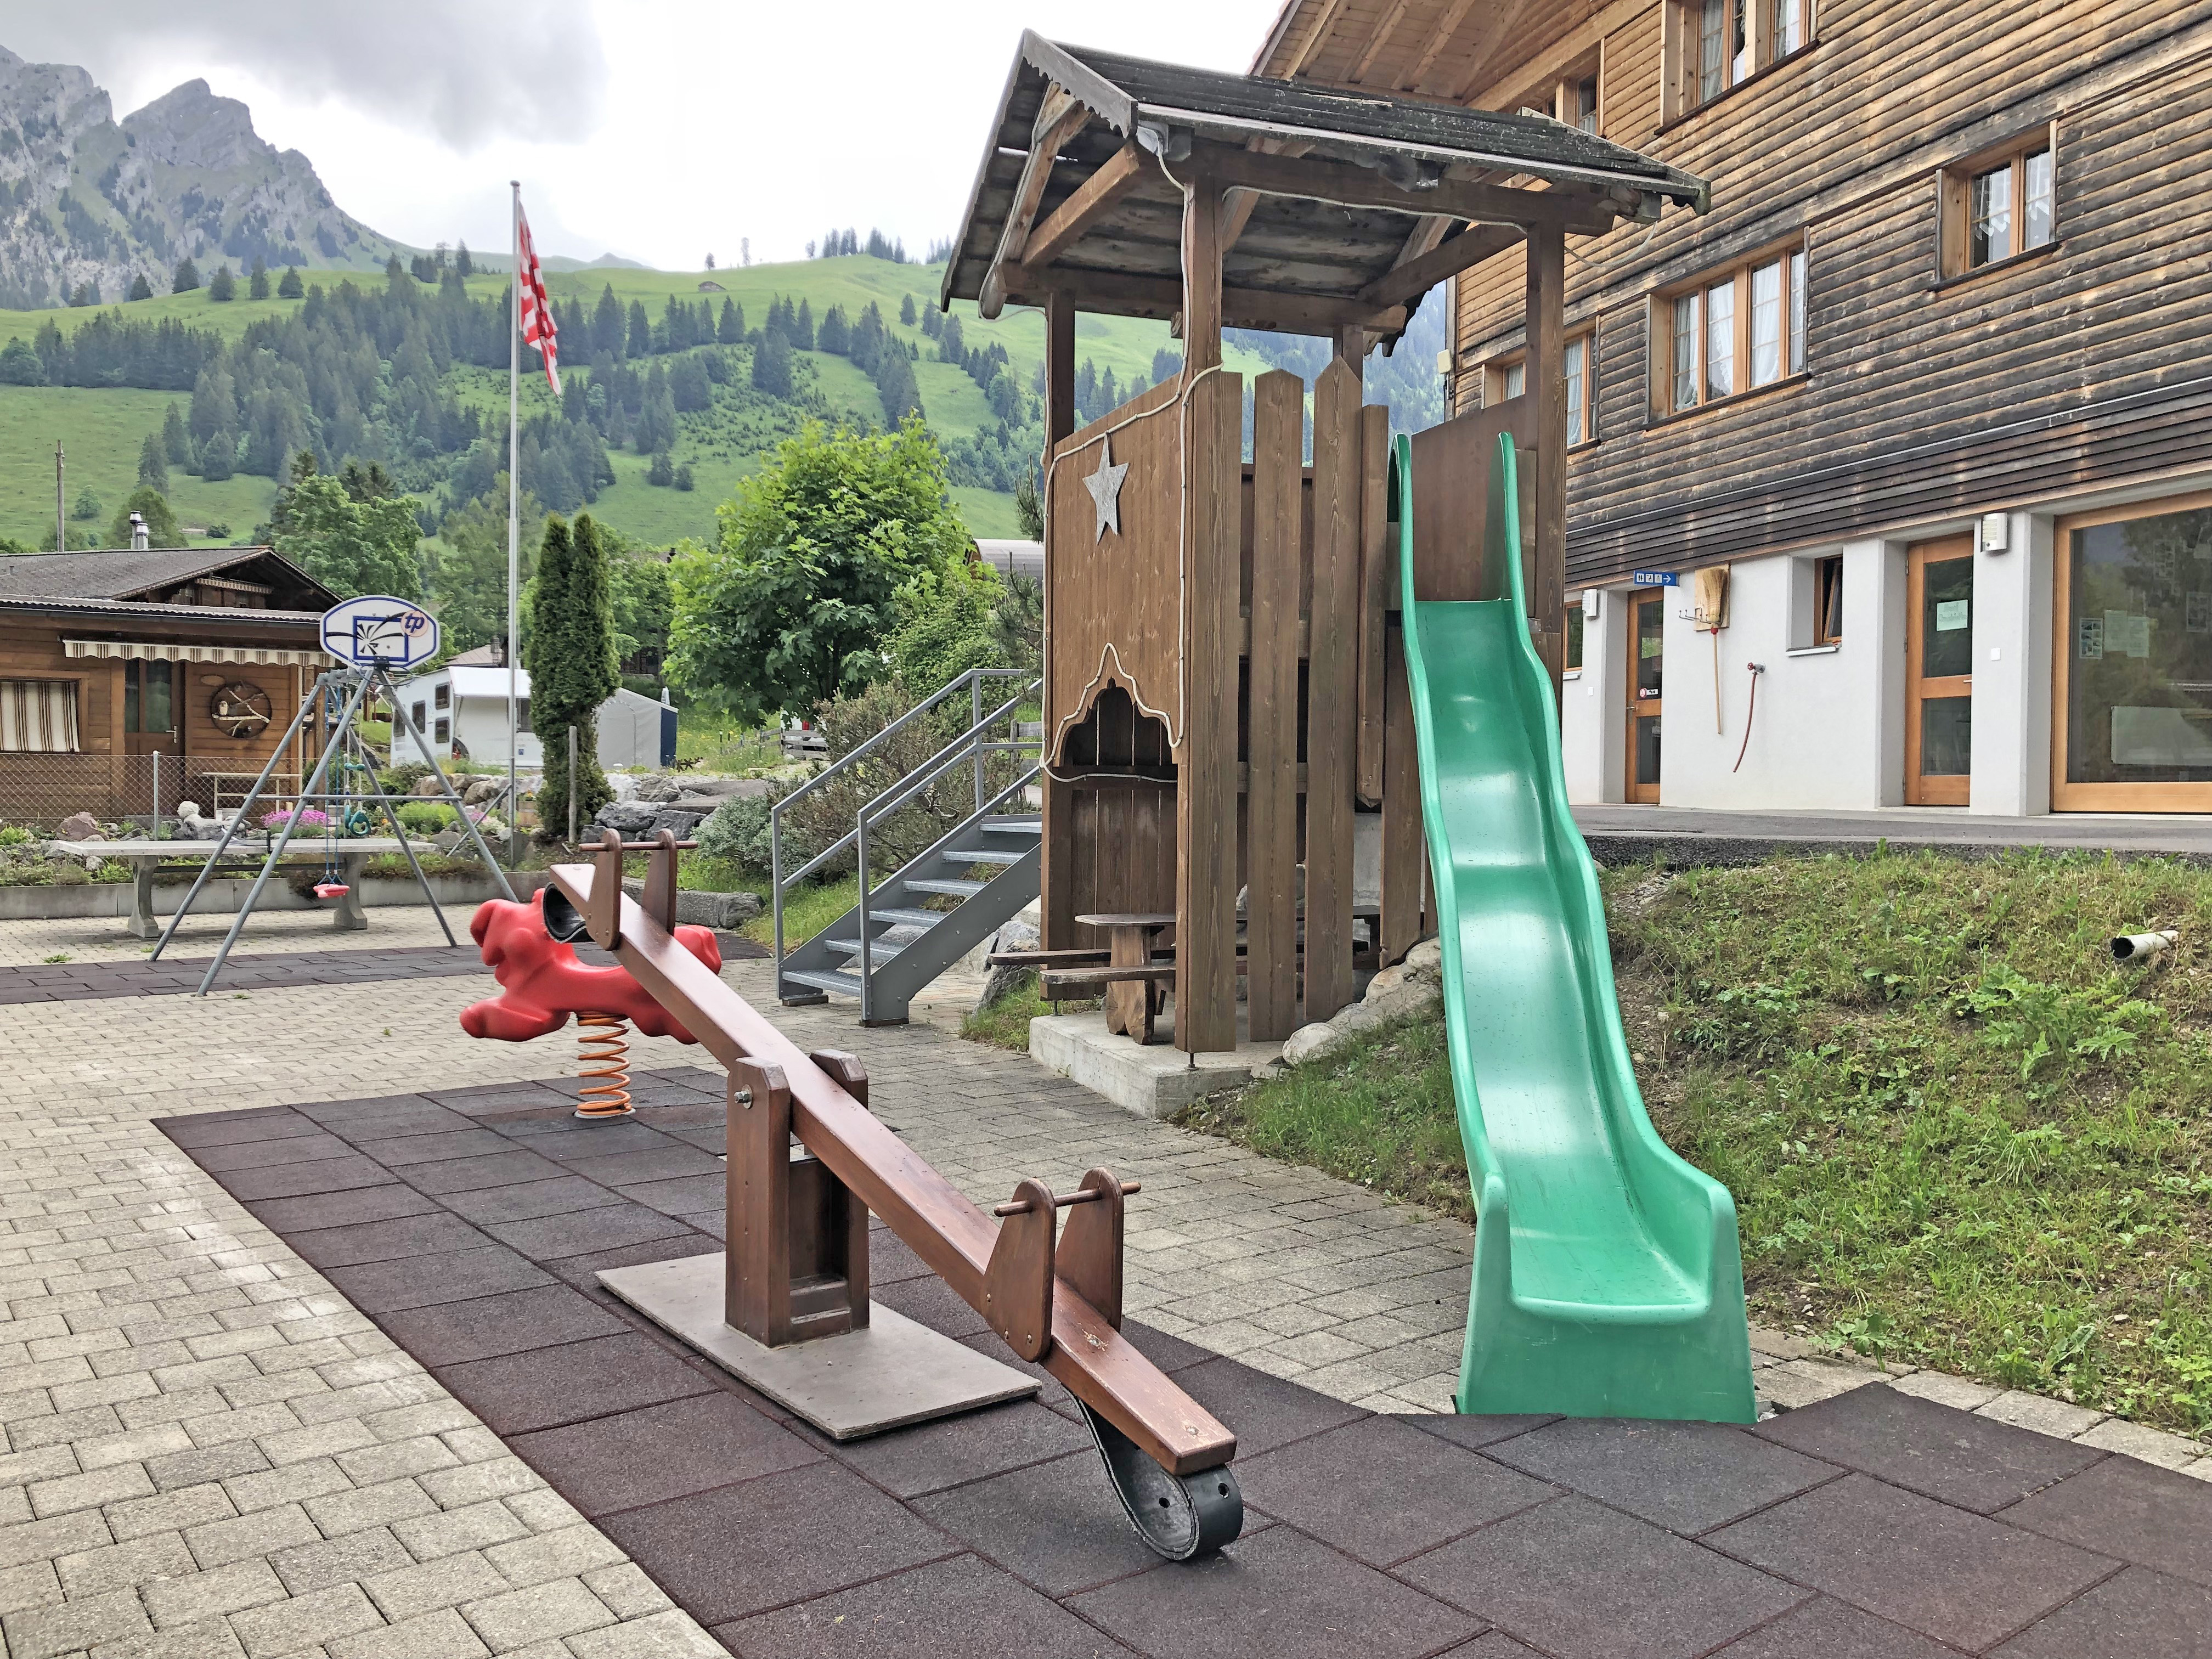 Spielplatz mit Wippe und Rutschbahn